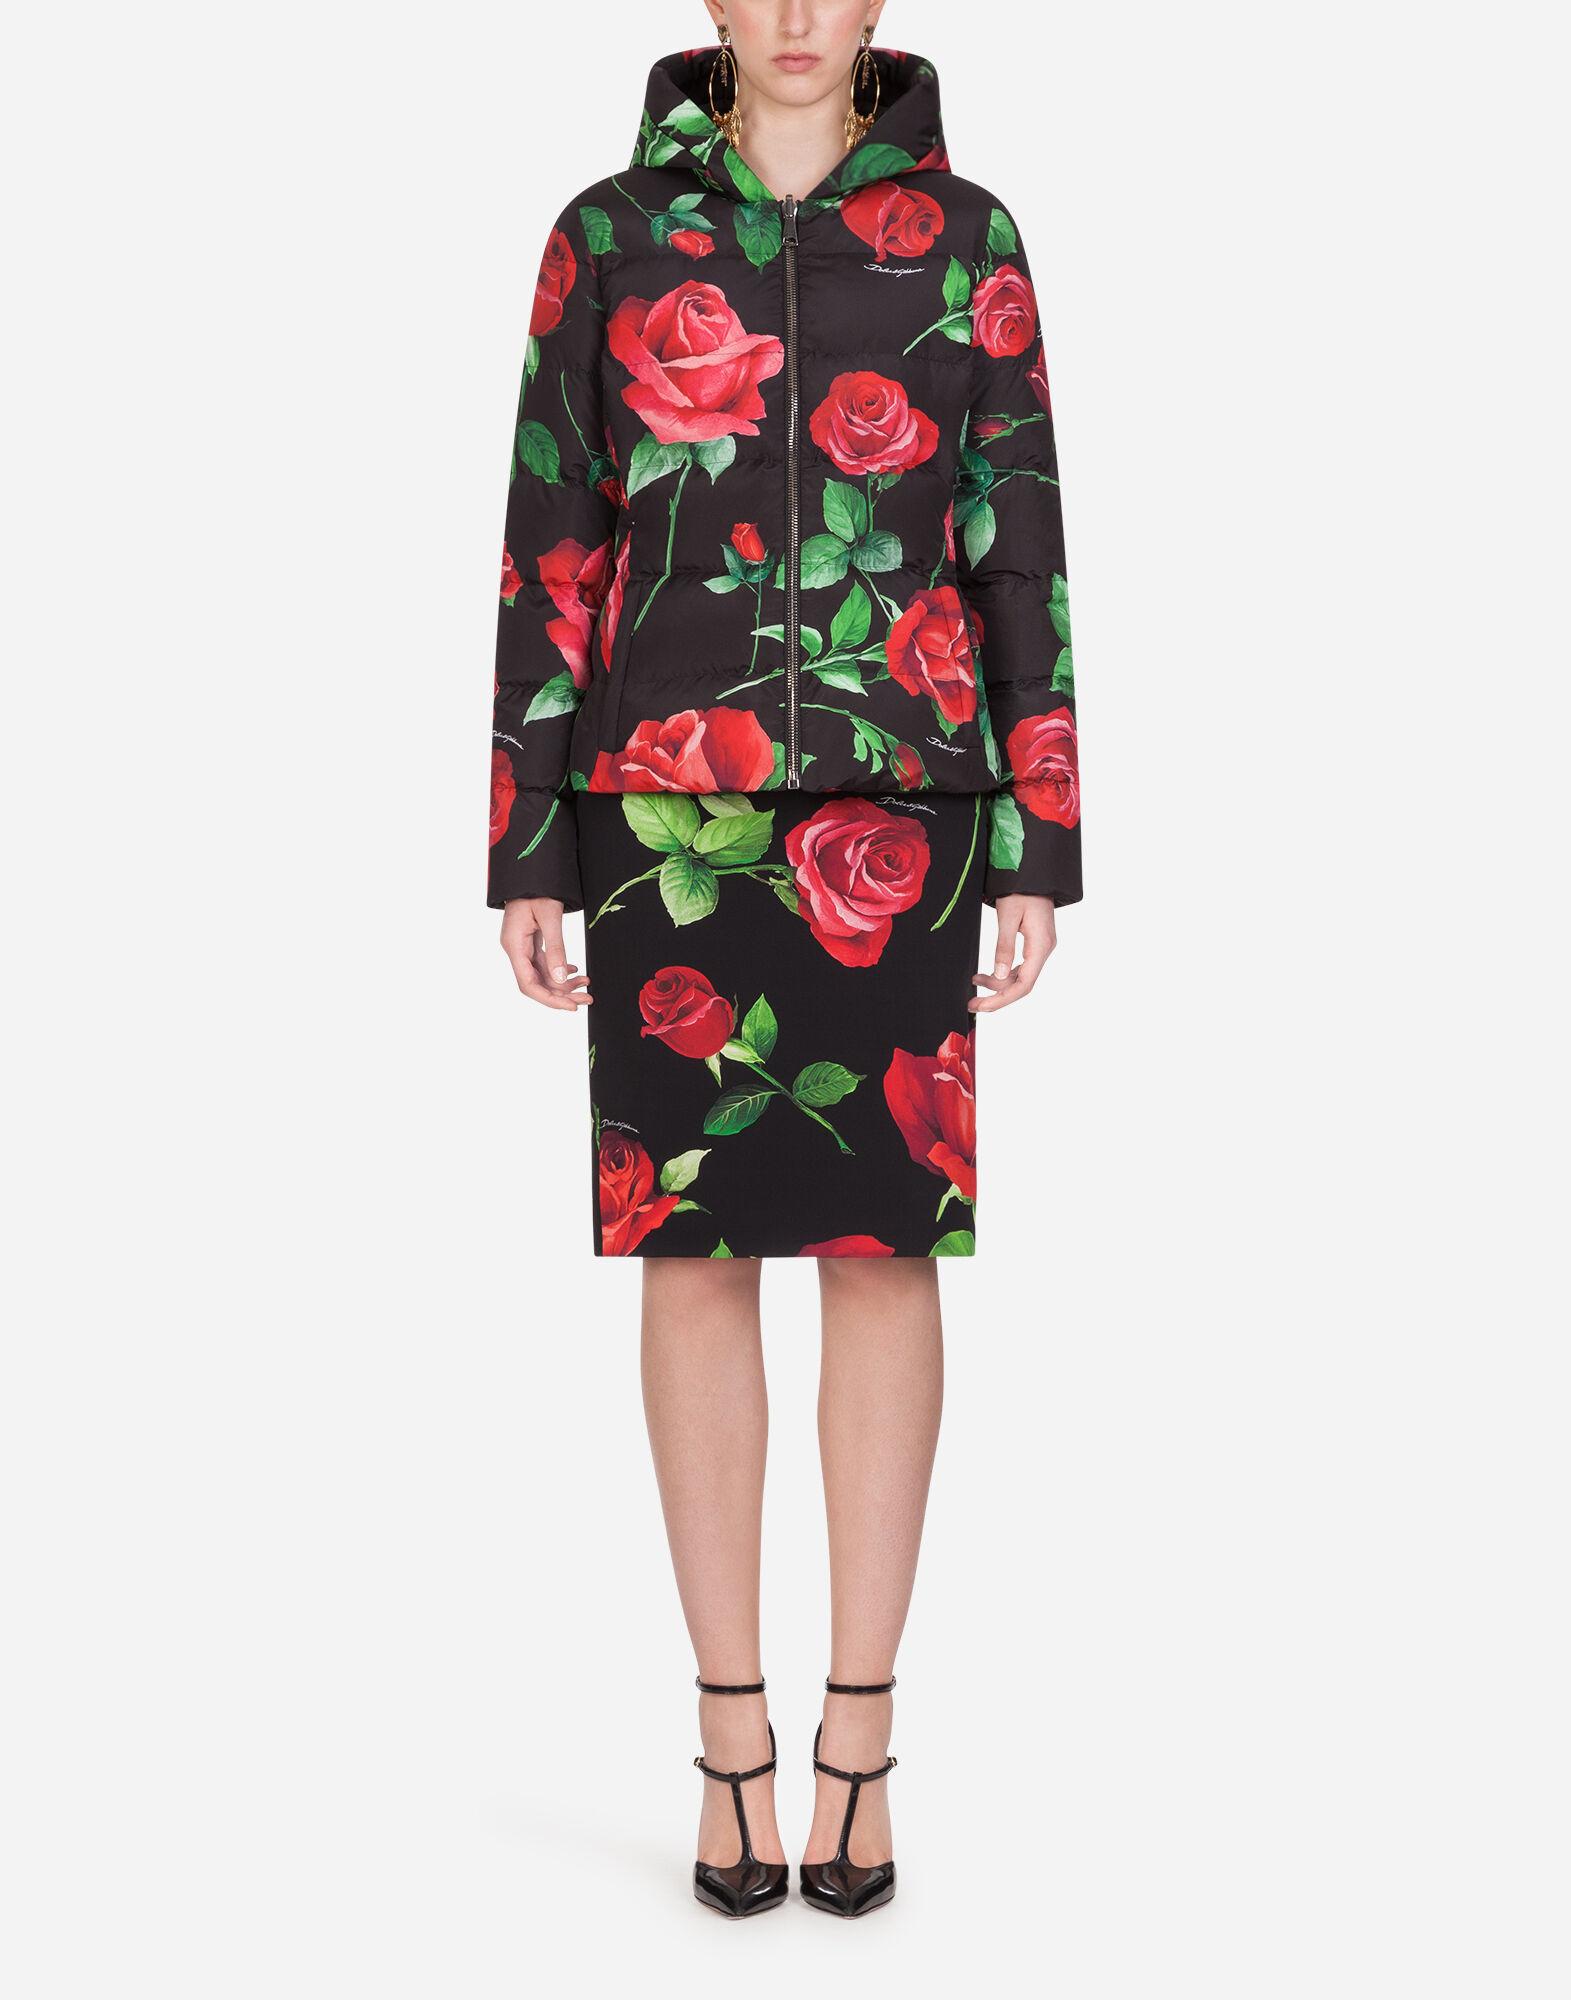 Gabbana KAPUZE Mäntel TAILLIERTE DAUNENJACKE für Jacken und PRINT MIT ROSEN DamenDolce kwXOPulTZi